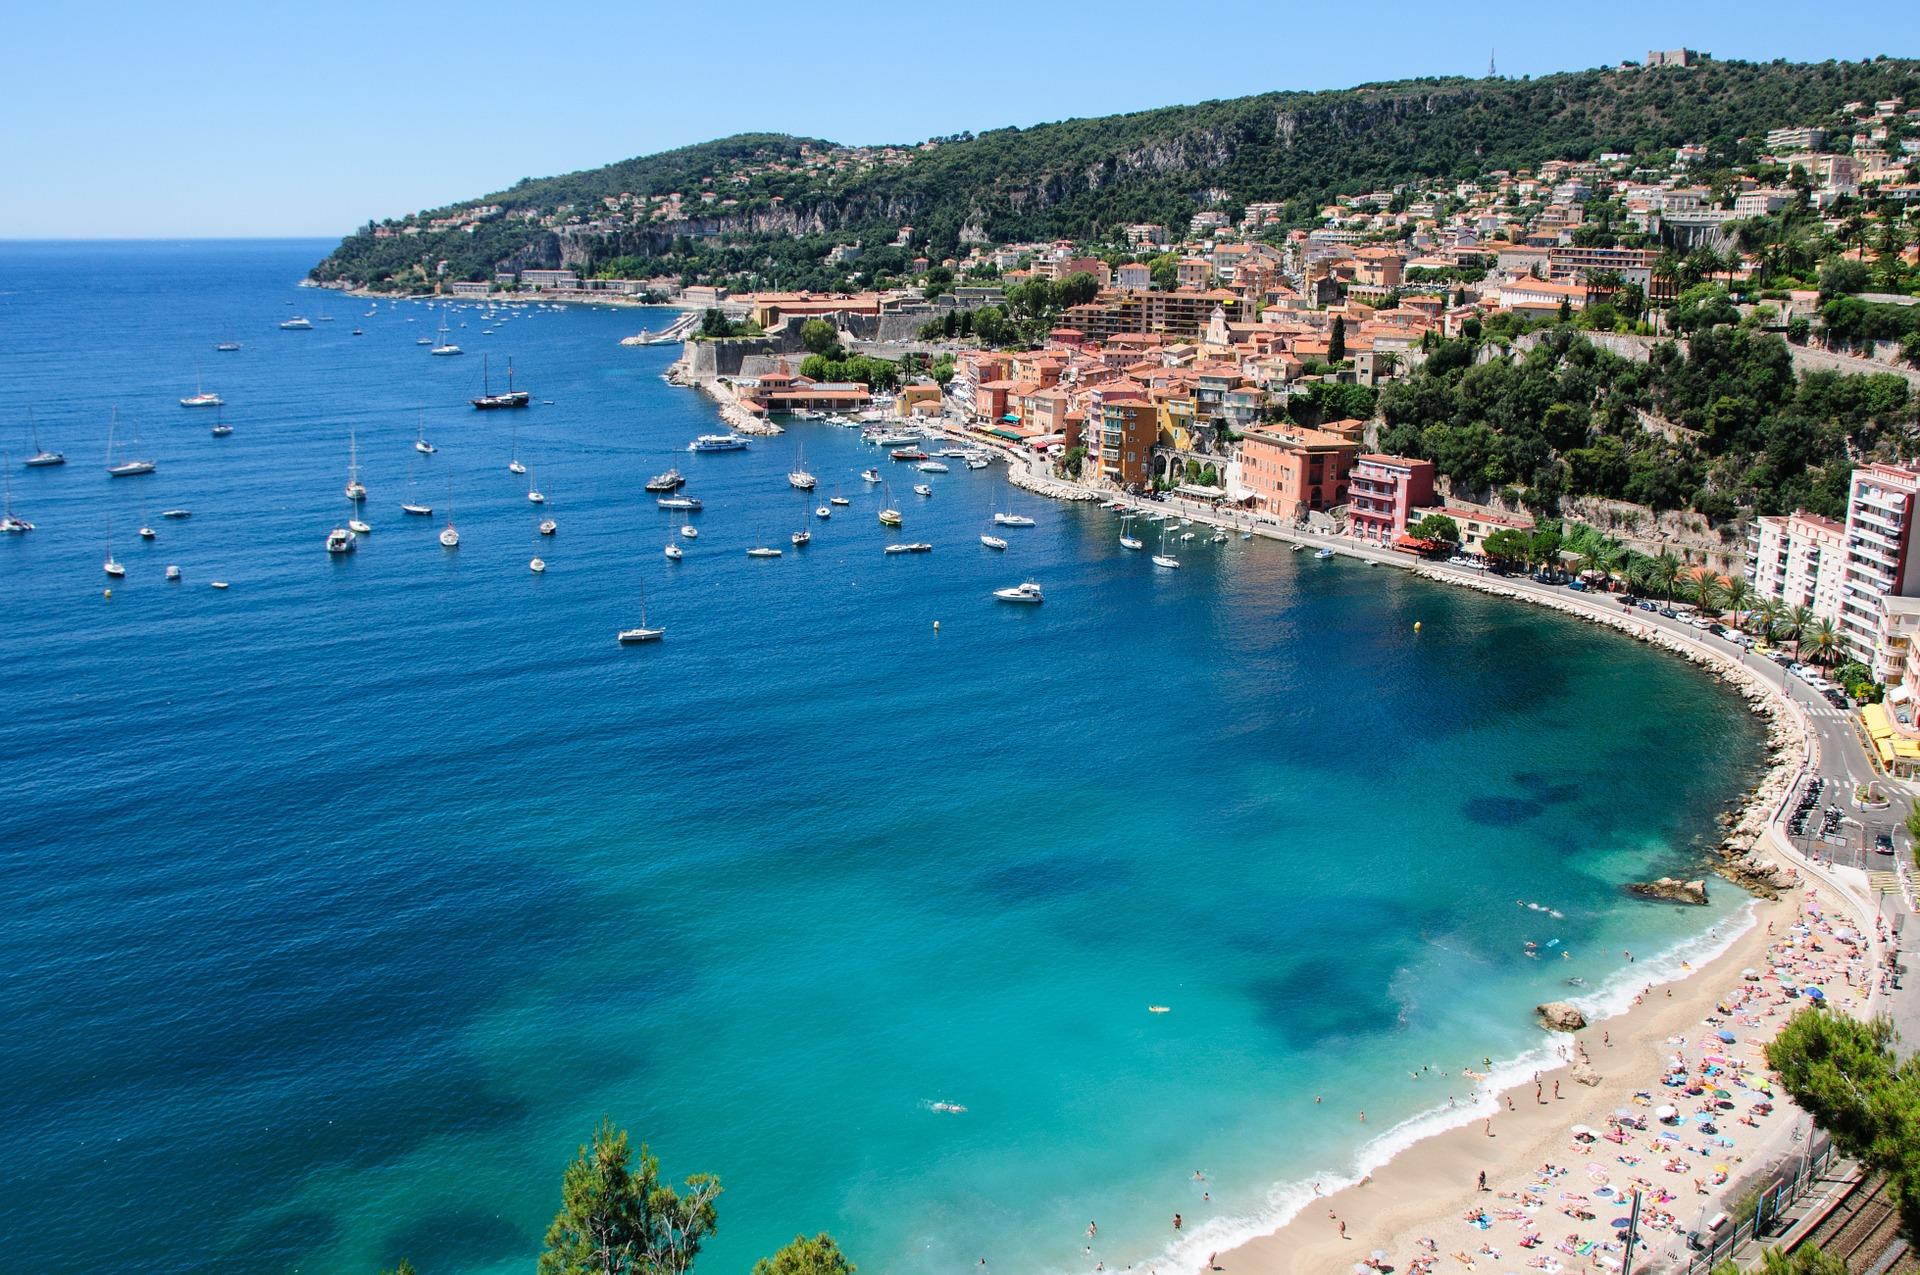 Villefrance - mooiste steden aan de Côte d'Azur